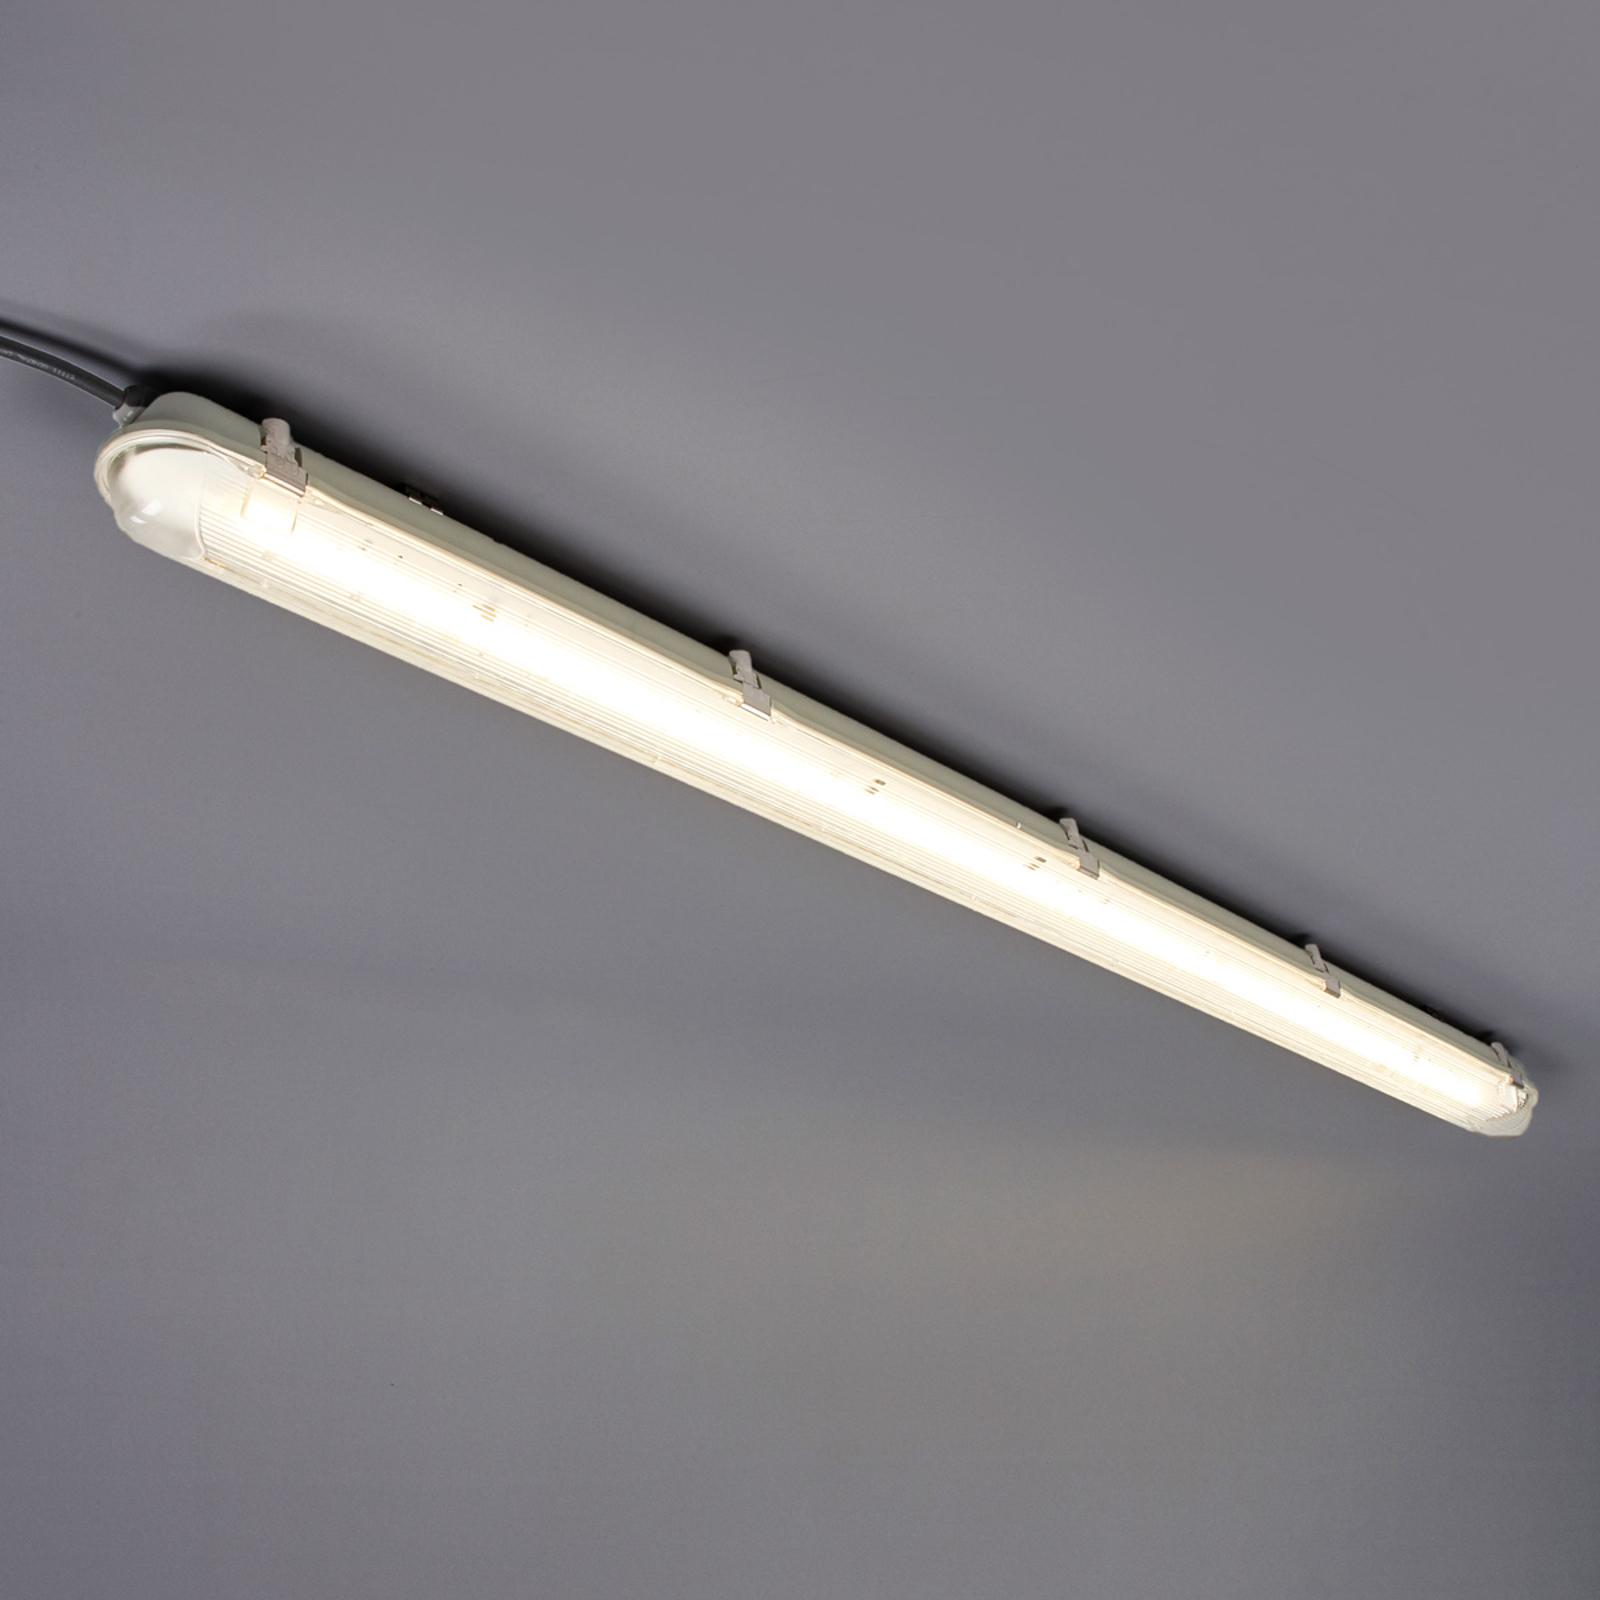 LED světlo odolné proti vlhkosti, 34 W